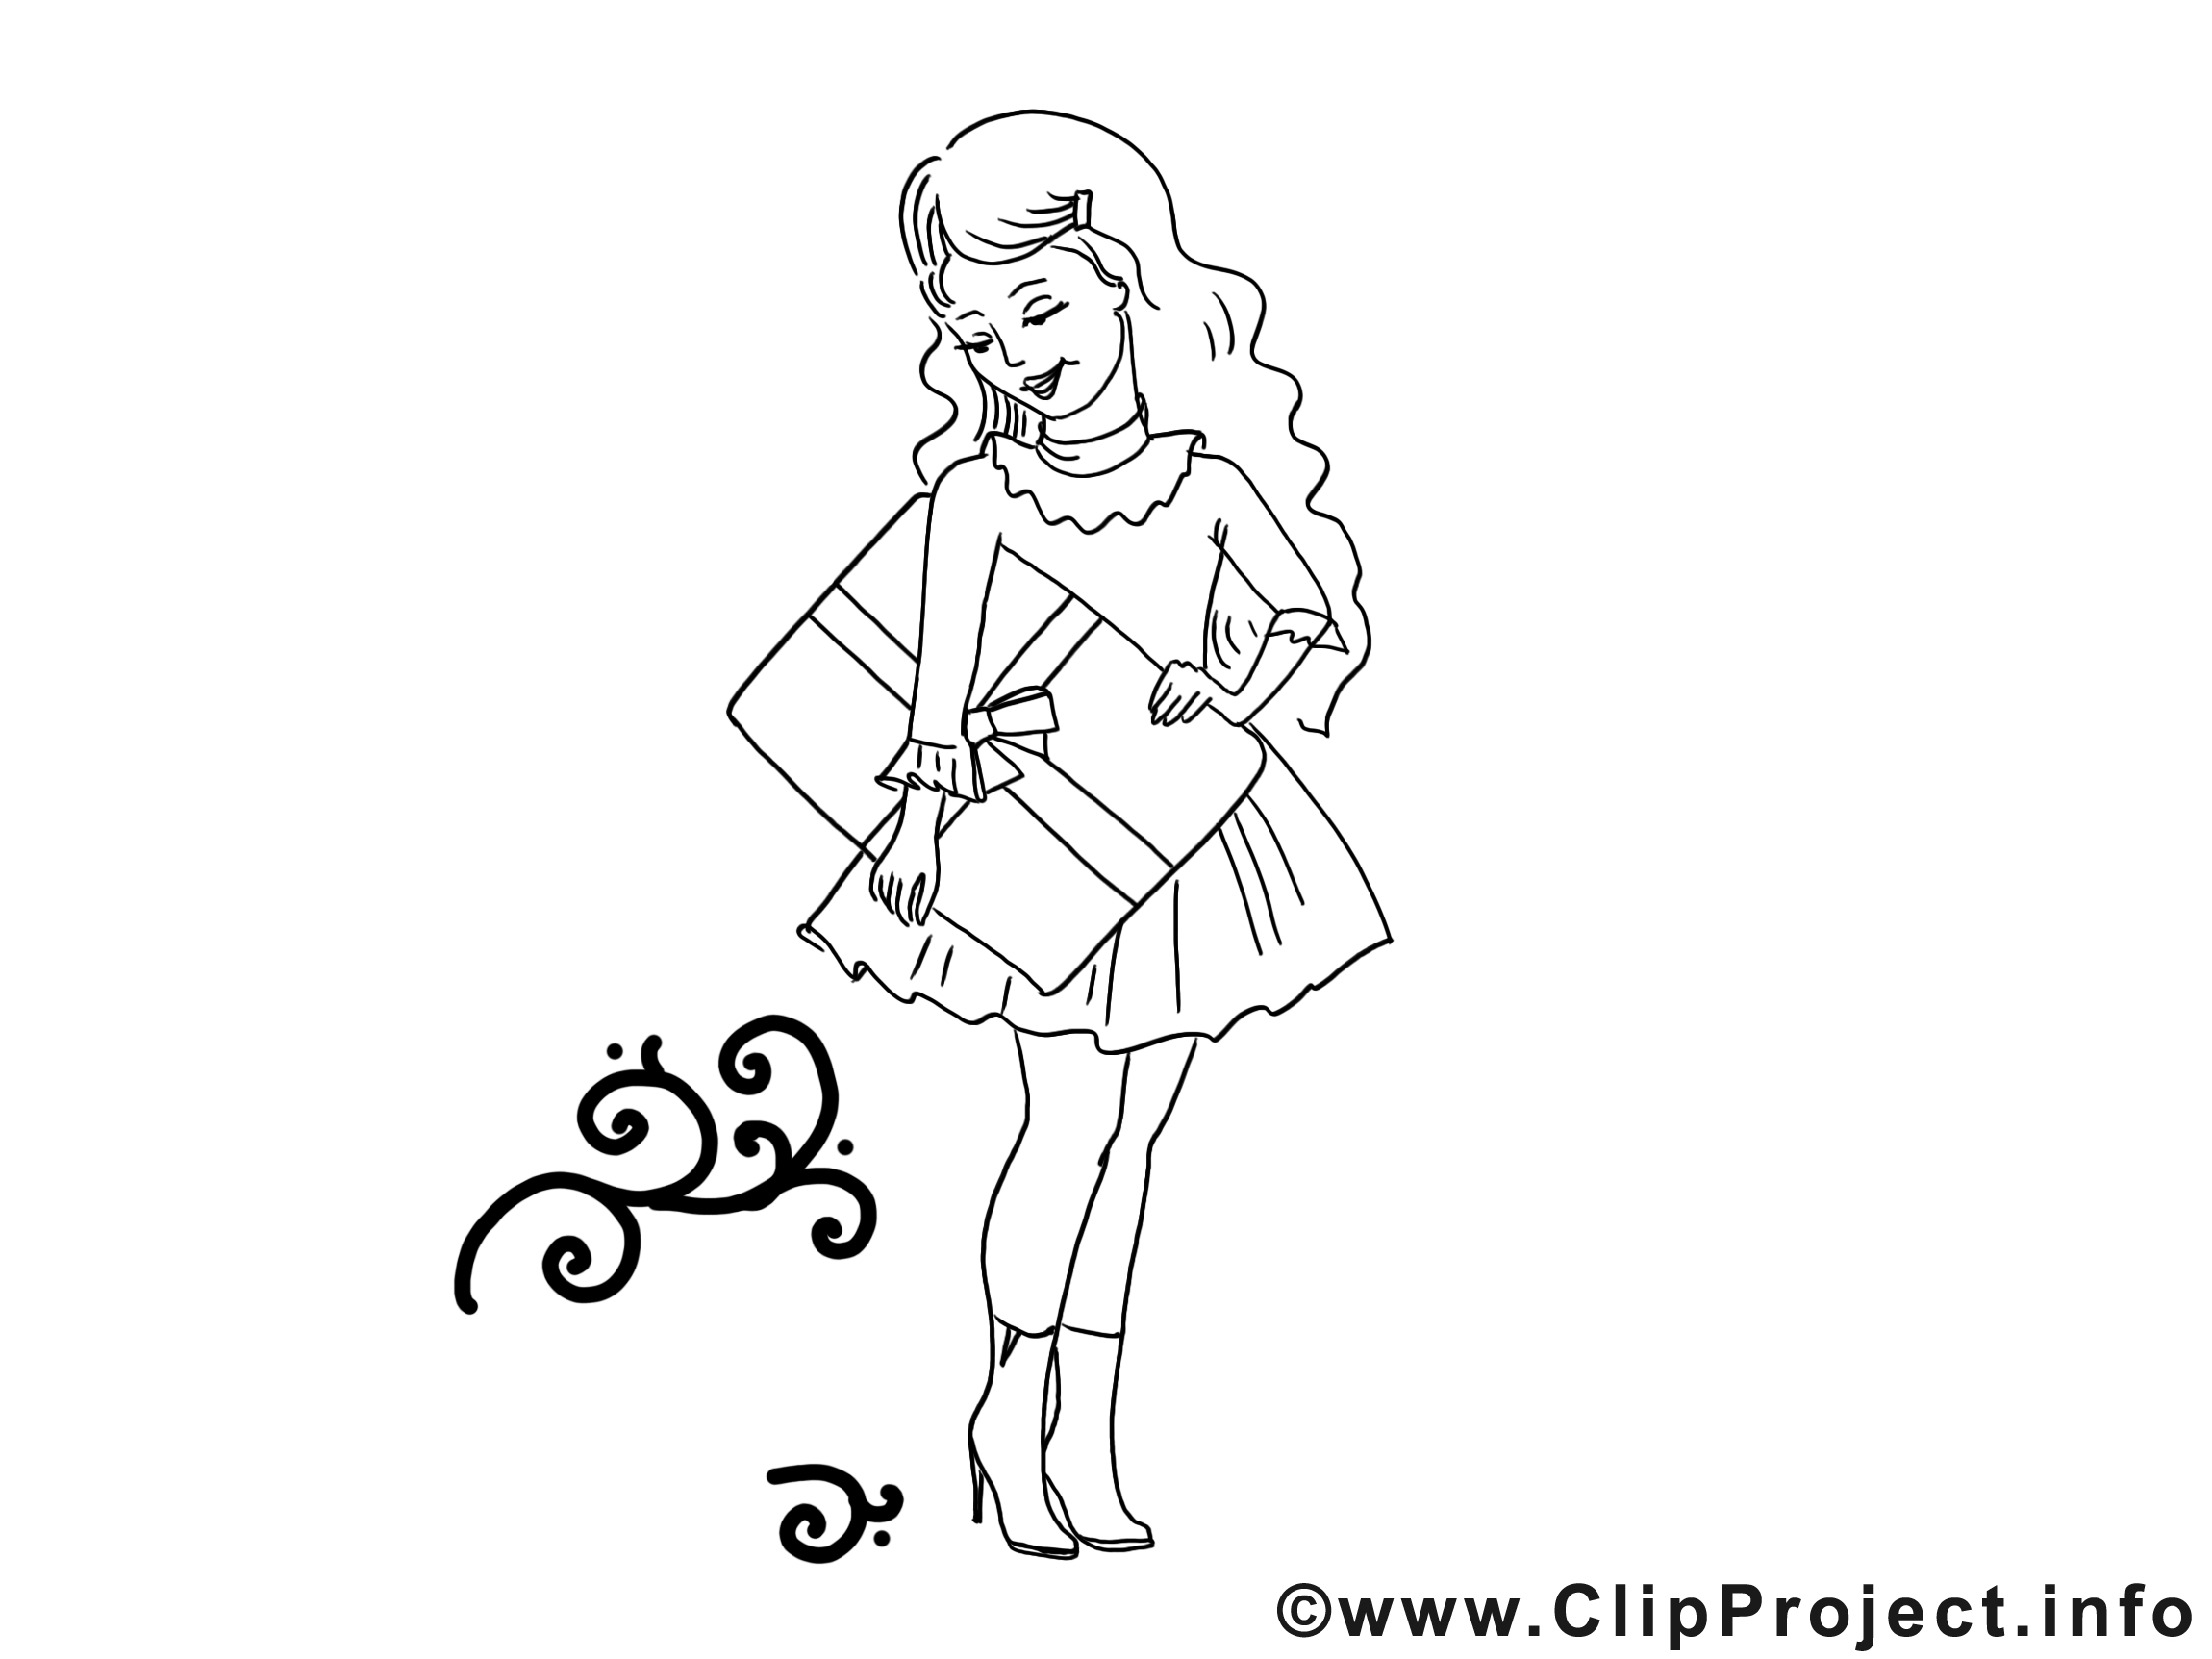 Dessin Shopping shopping dessin gratuit – fille à colorier - fille coloriages dessin